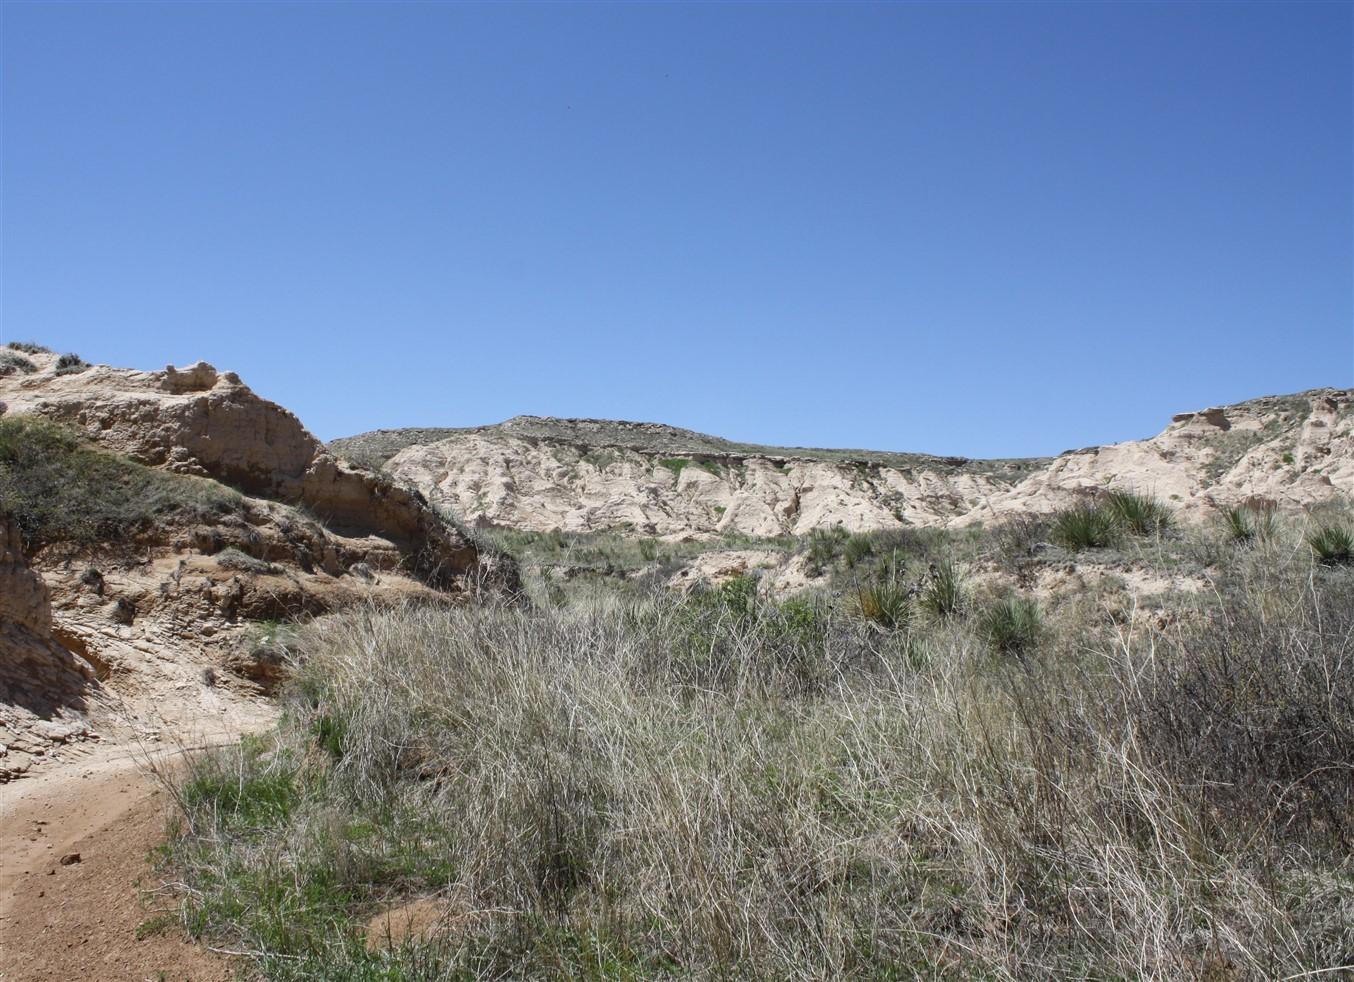 2010 05 23 Colorado 67 Pawnee Bluffs.jpg